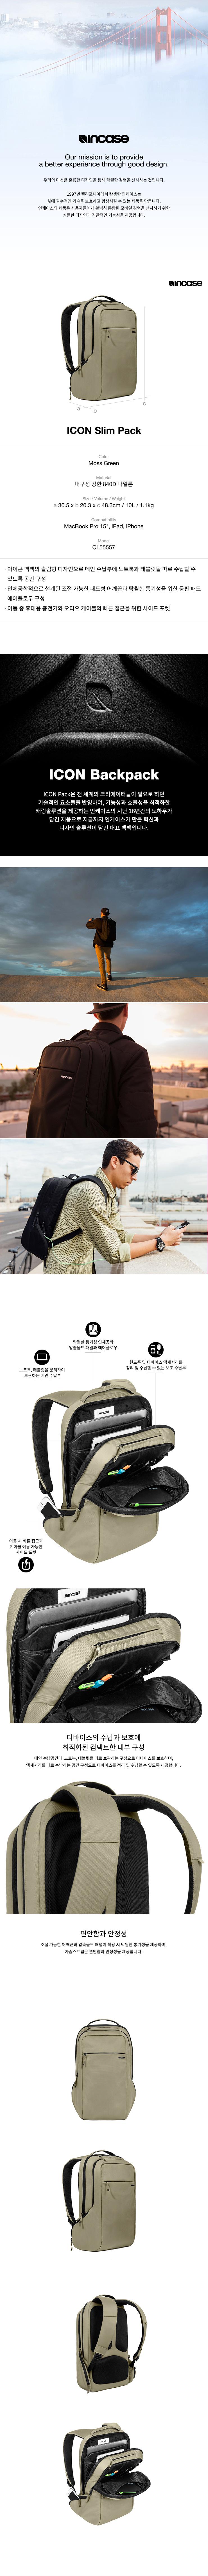 [인케이스]INCASE - Icon Slim Backpack CL55557 (Moss Green) 인케이스백팩 정품  신상품 백팩 가방 노트북가방 노트북백팩 15인치 15인치맥북